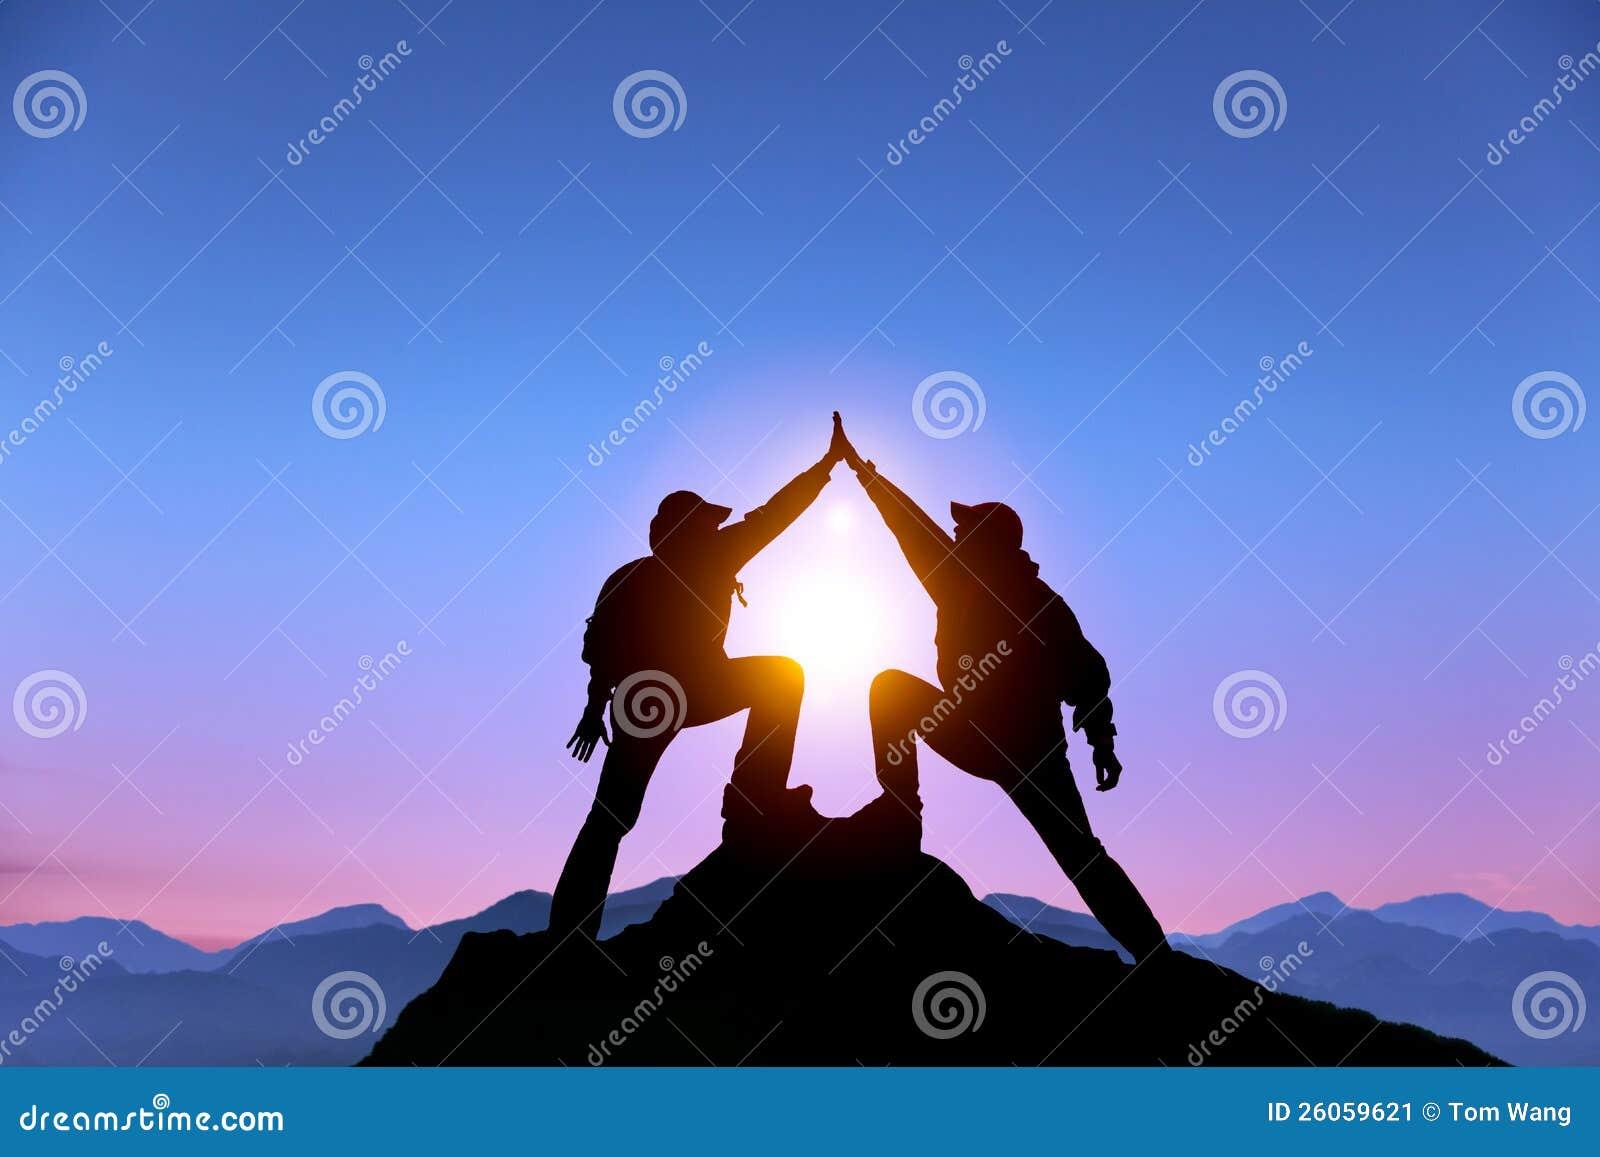 Zwei-mann mit Erfolgsgeste auf dem Berg